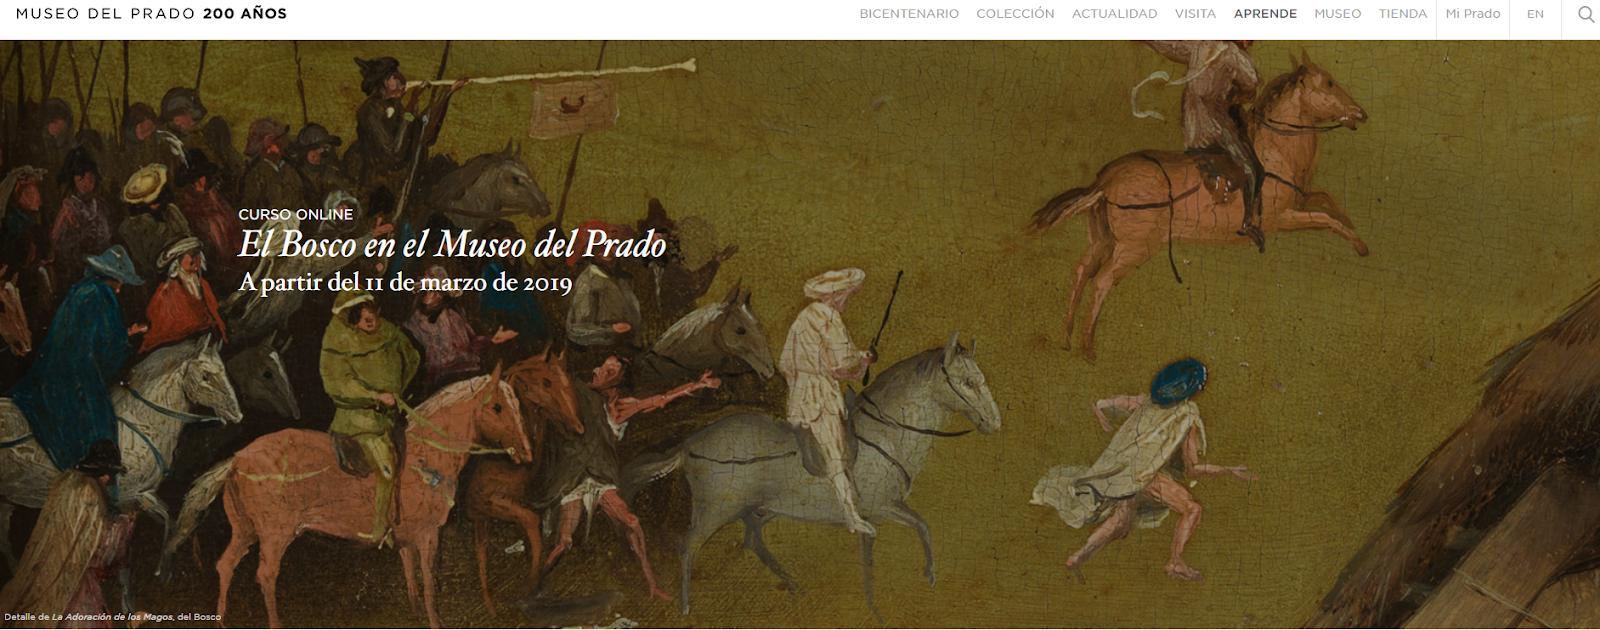 da21a4b21 CURSO ONLINE. MOOC El Bosco en el Museo del Prado A partir del 11 de marzo  de 2019 en colaboración con telefónica @telefonica en @museodelprado  @Miriadax